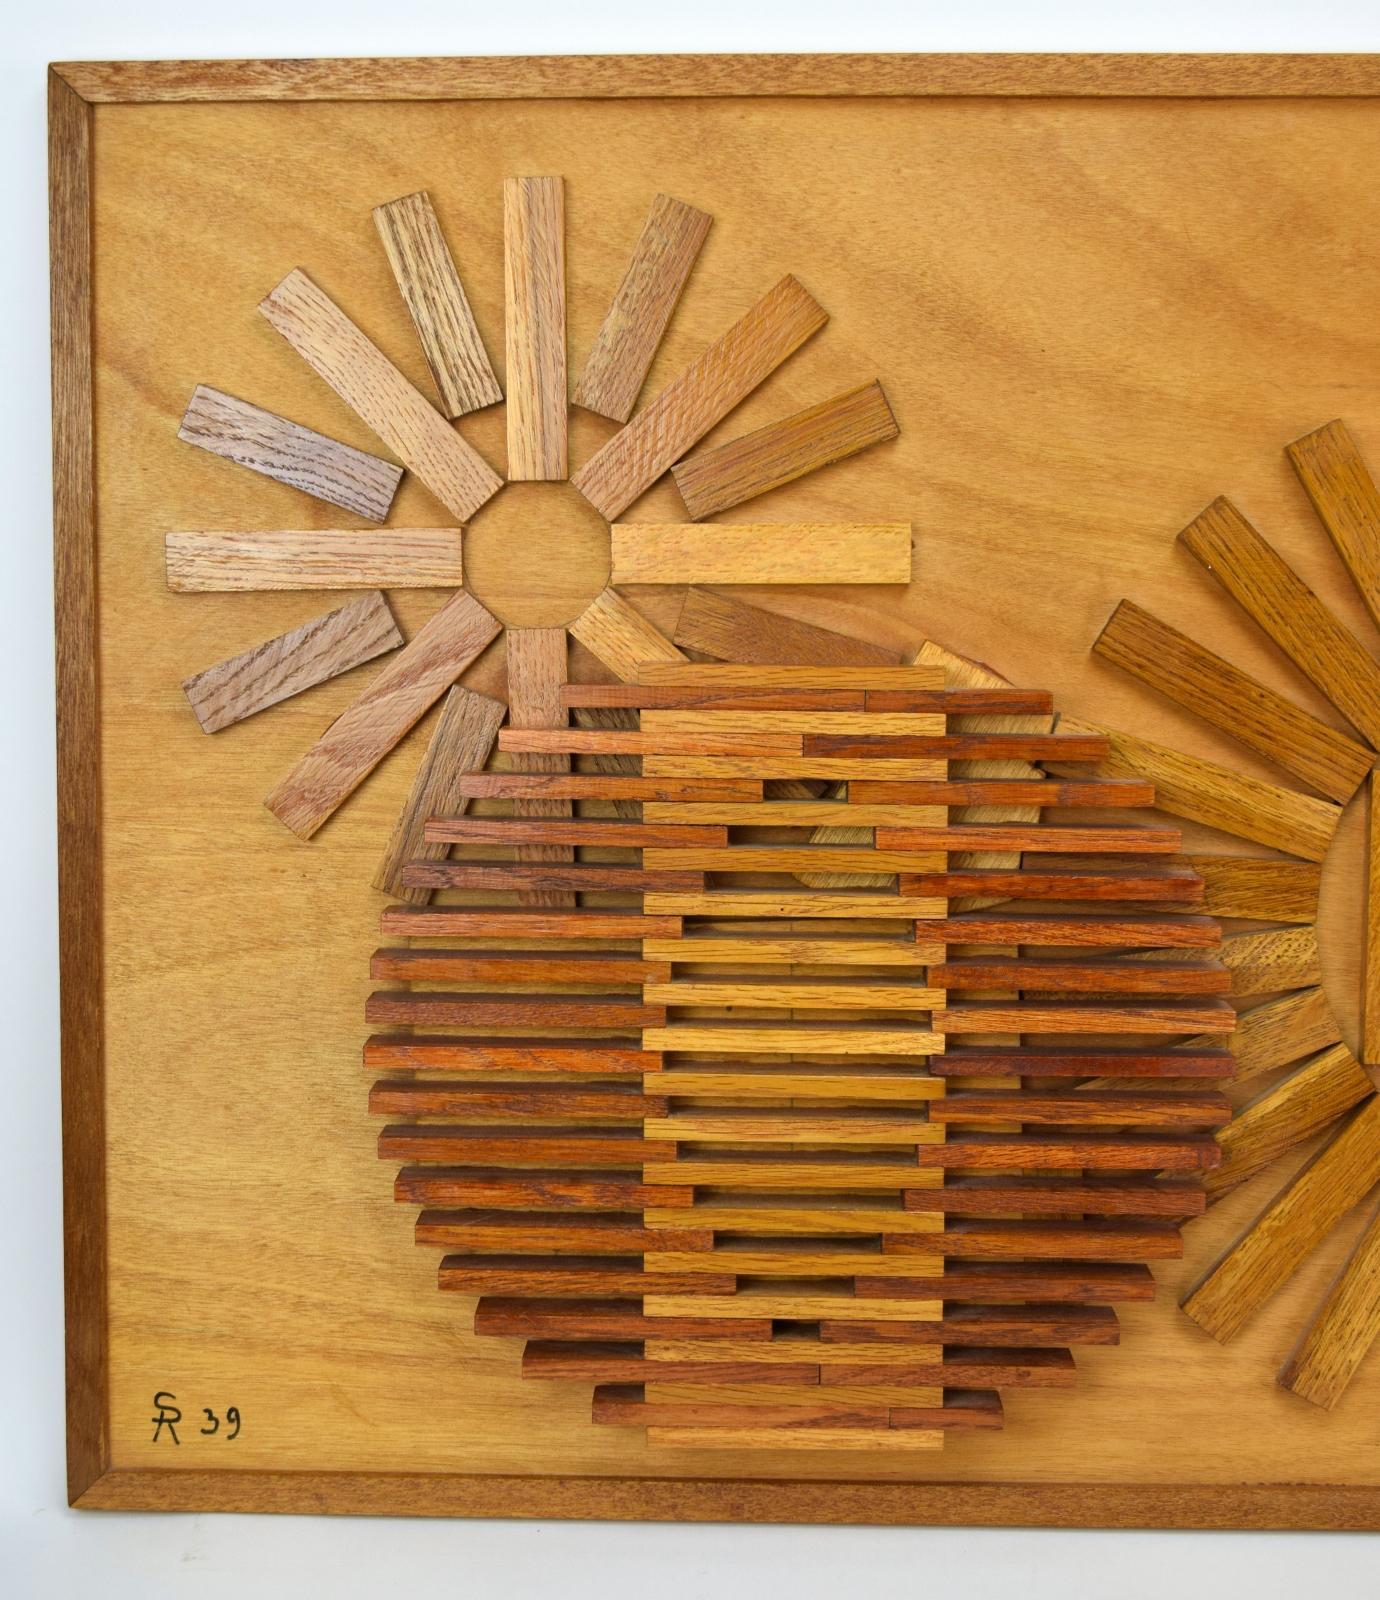 Oak Wood Block : Depression era geometric oak wood block sculpture